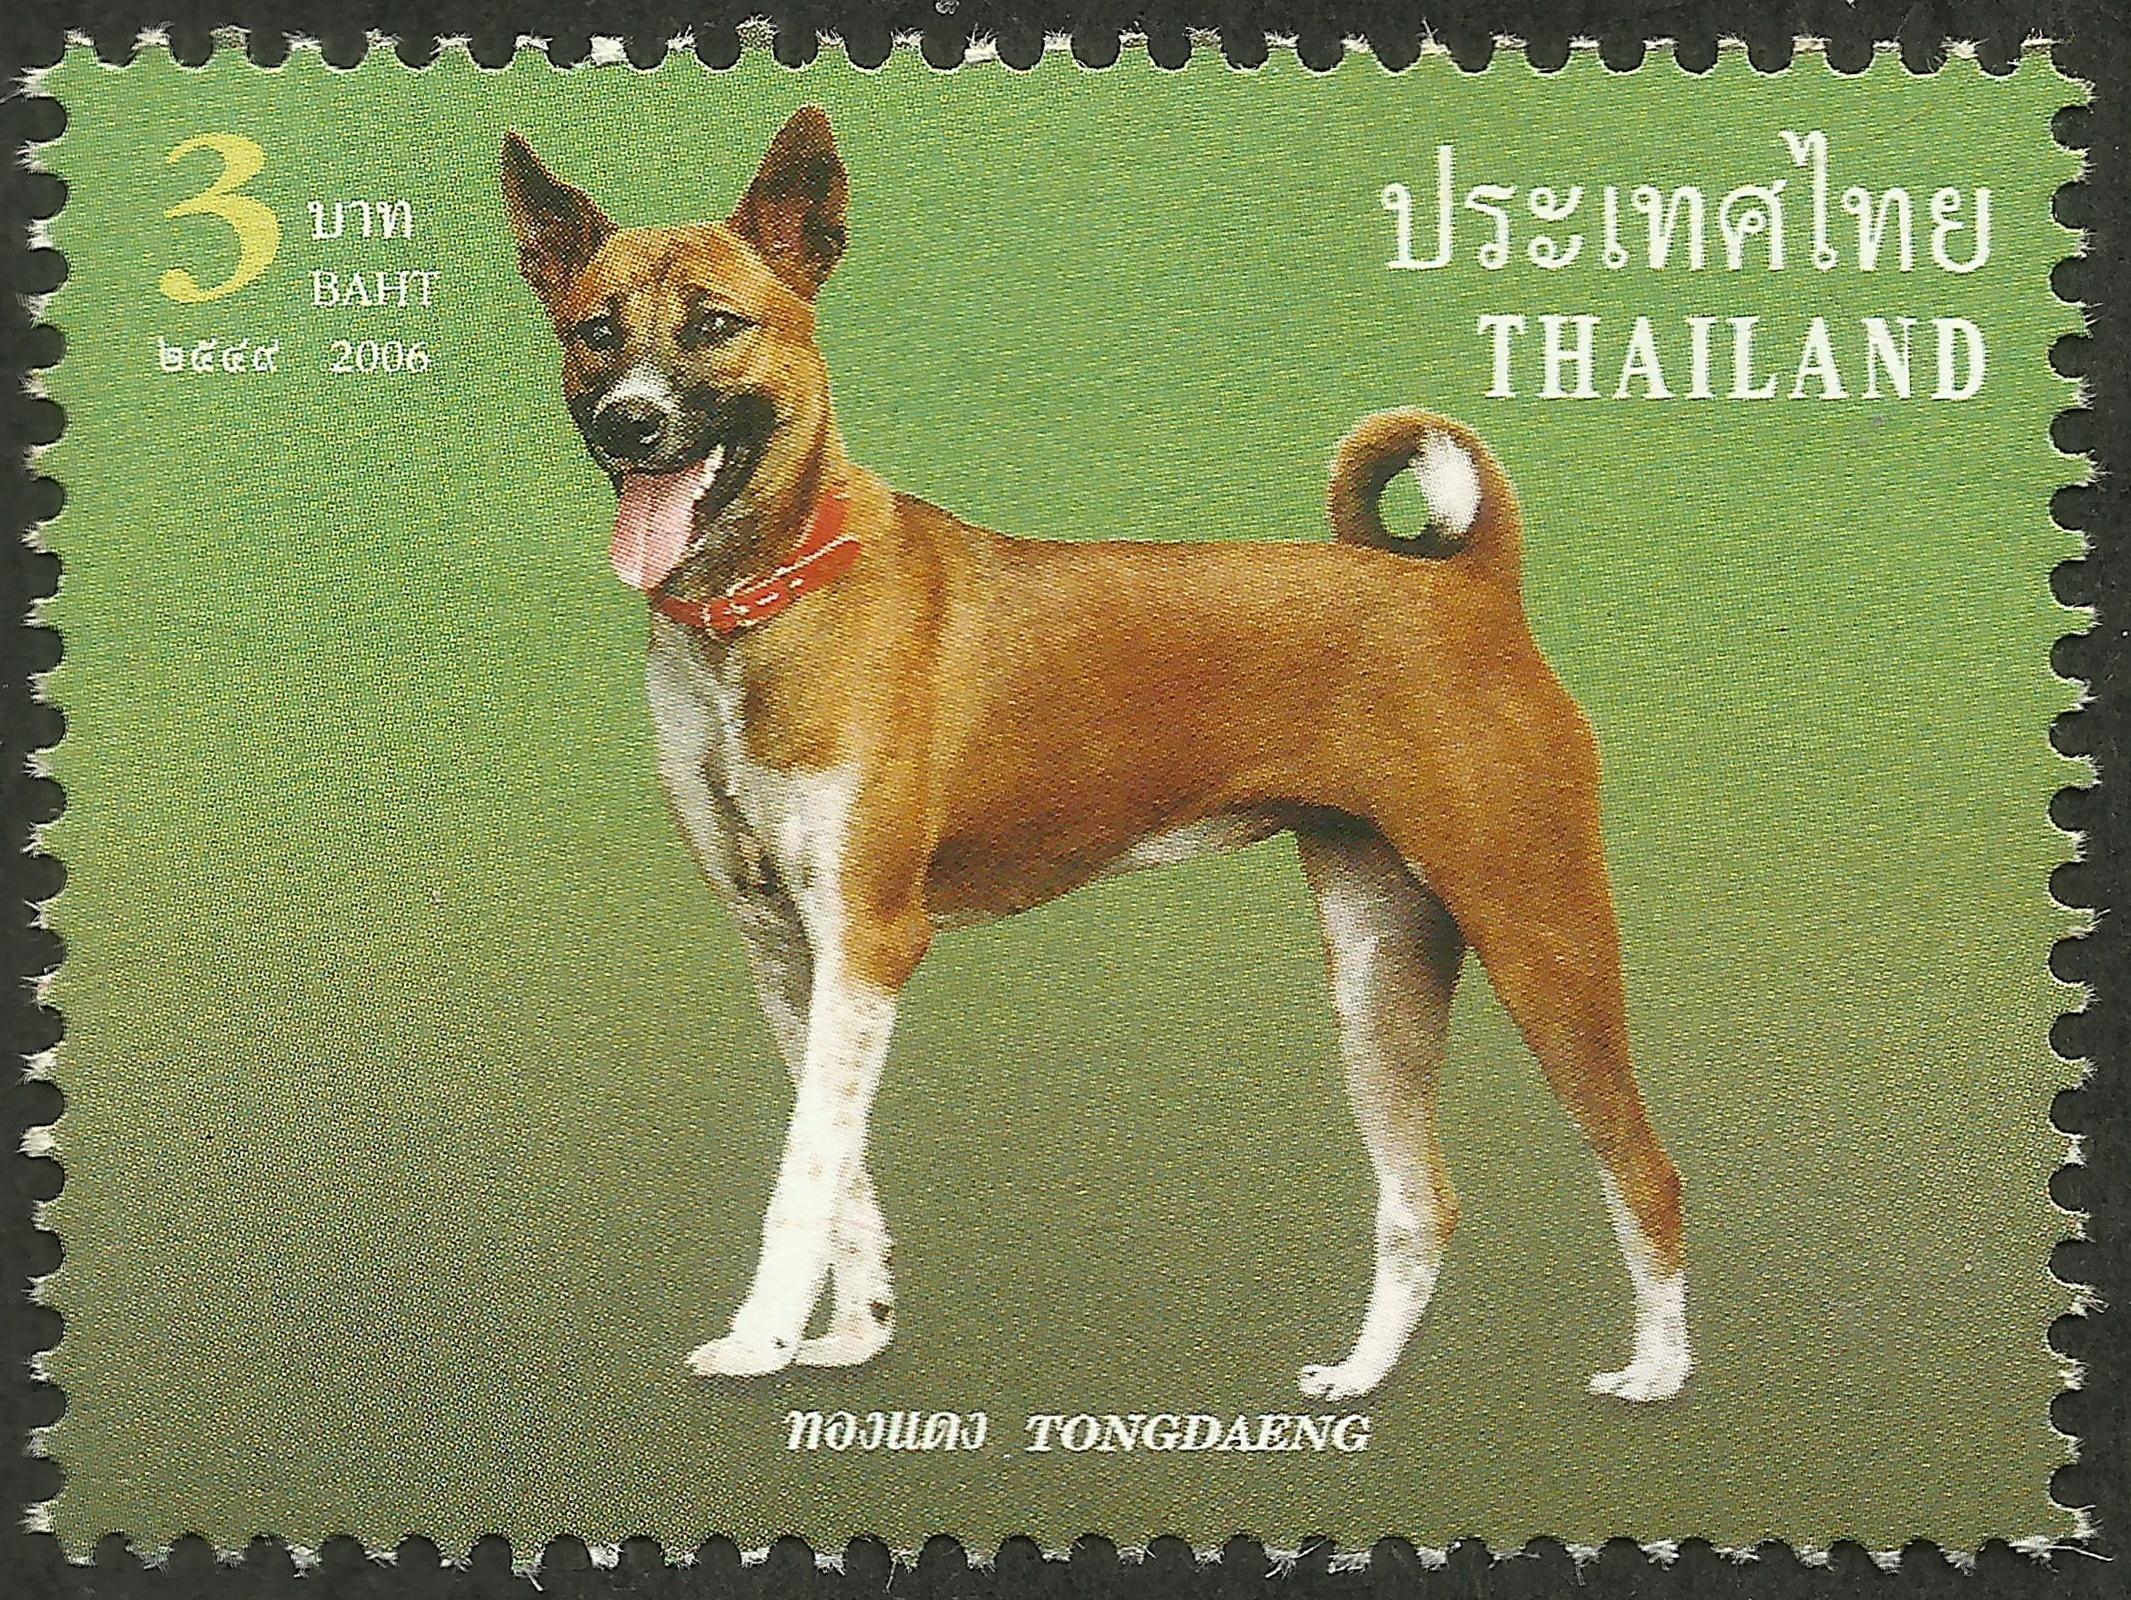 Thailand - Scott #2244 (2006)